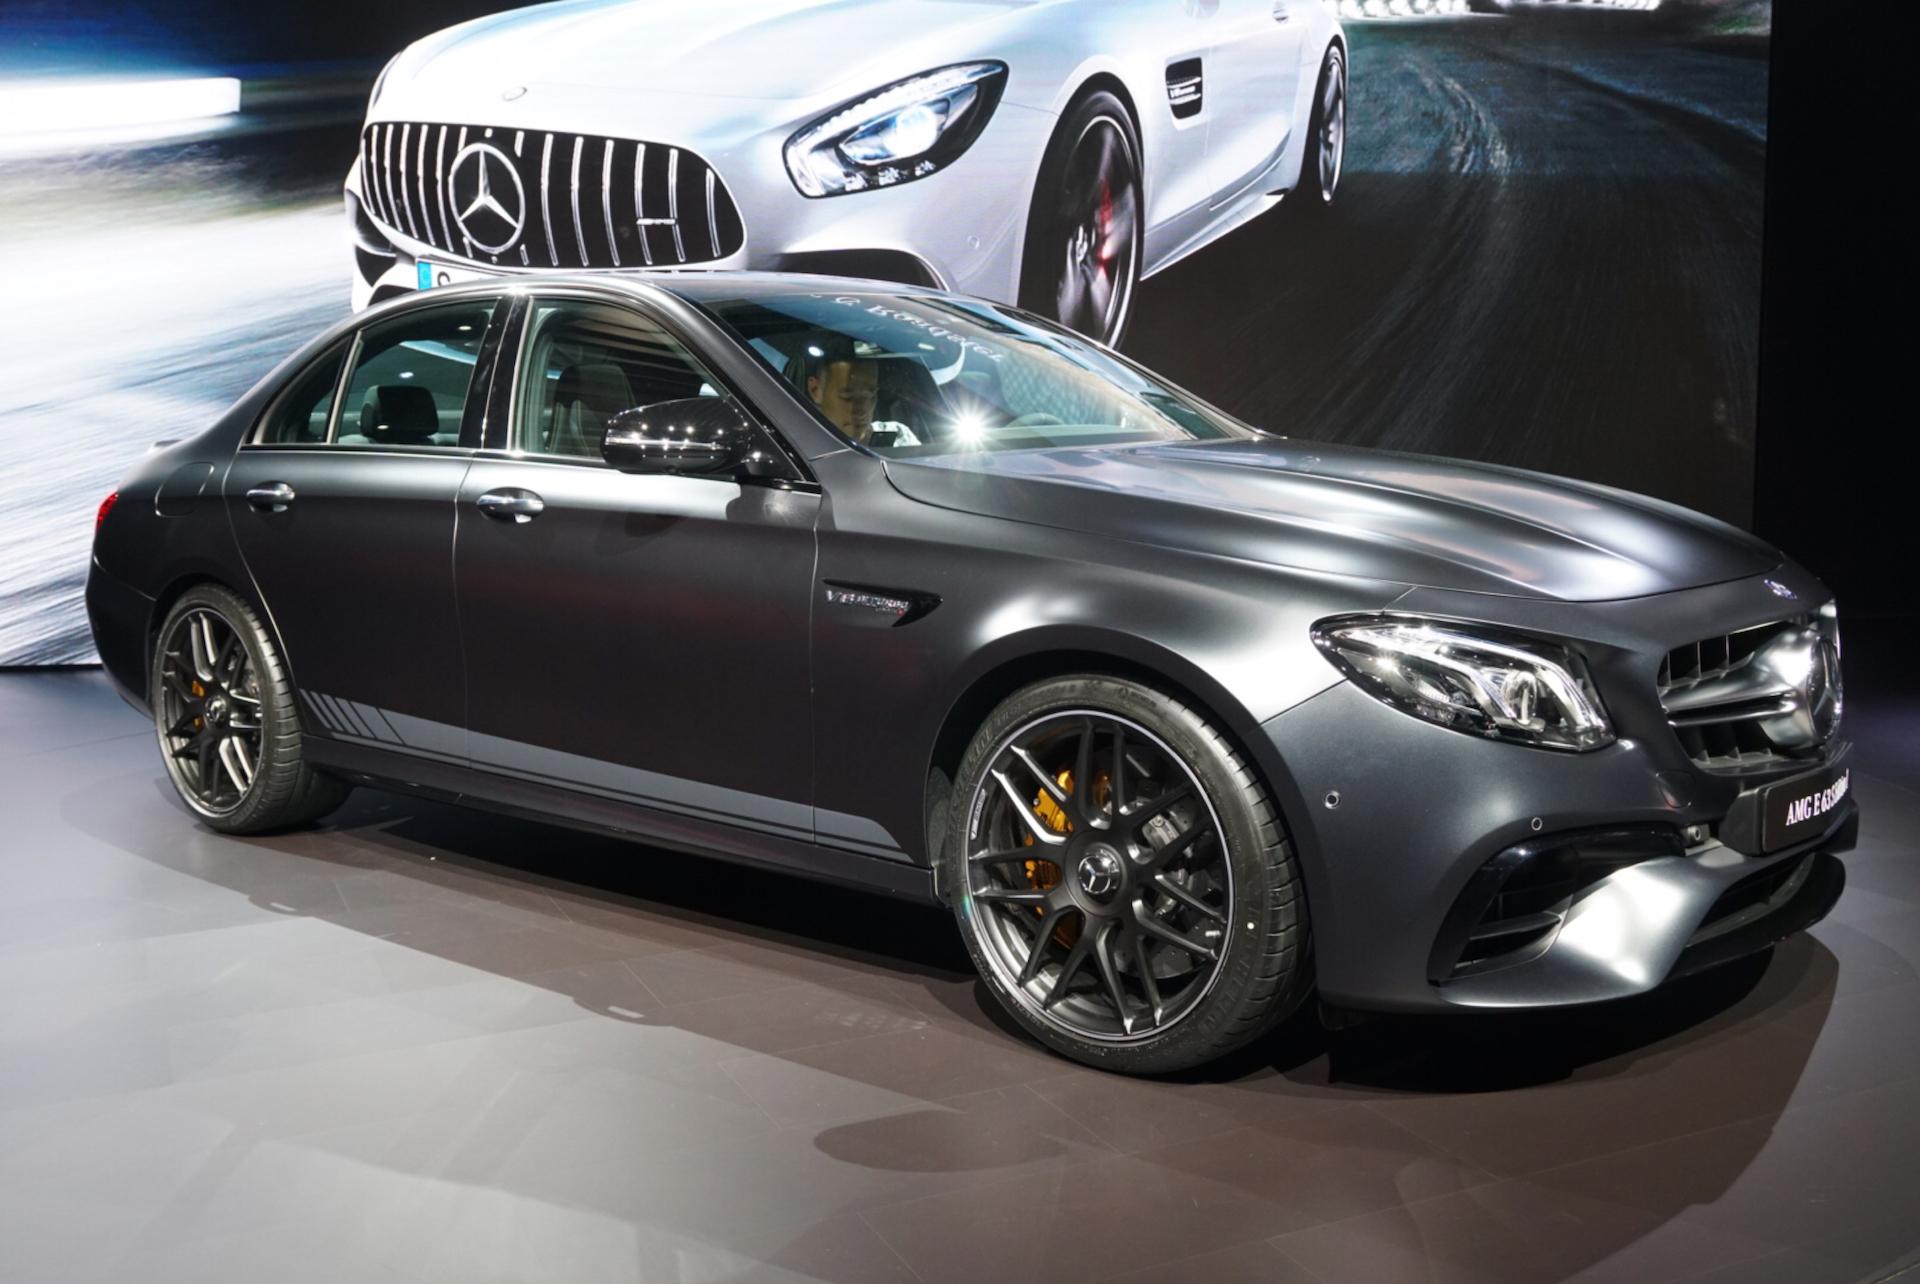 Car Lights Night Wallpaper Mercedes Amg Unveils New E63 At 2016 La Auto Show